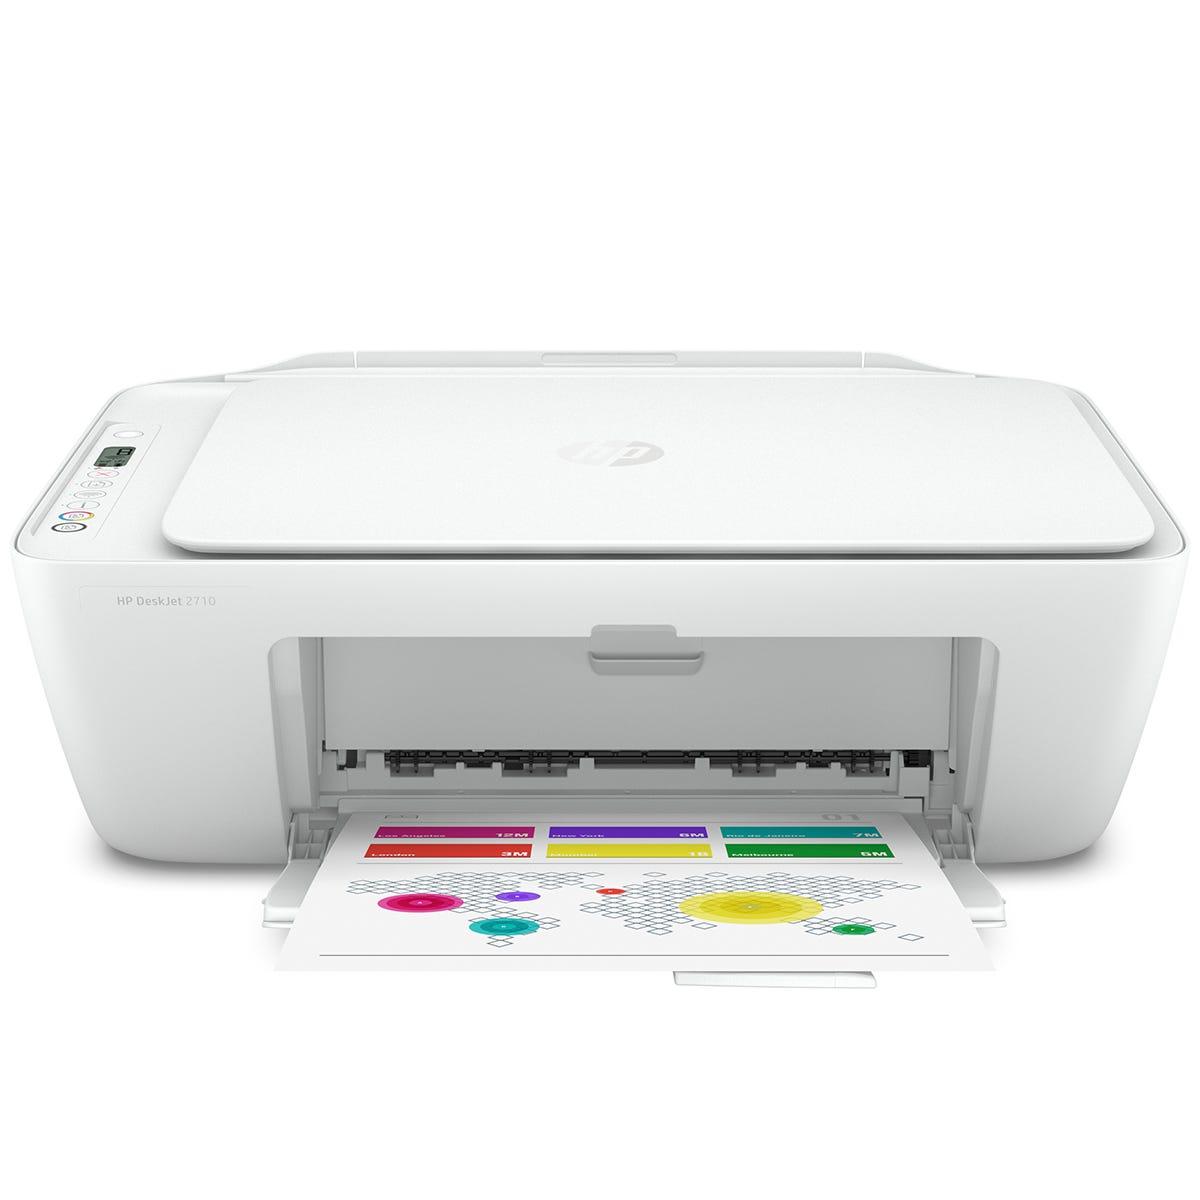 HP Deskjet 2710e Wireless All-in-One Printer - White